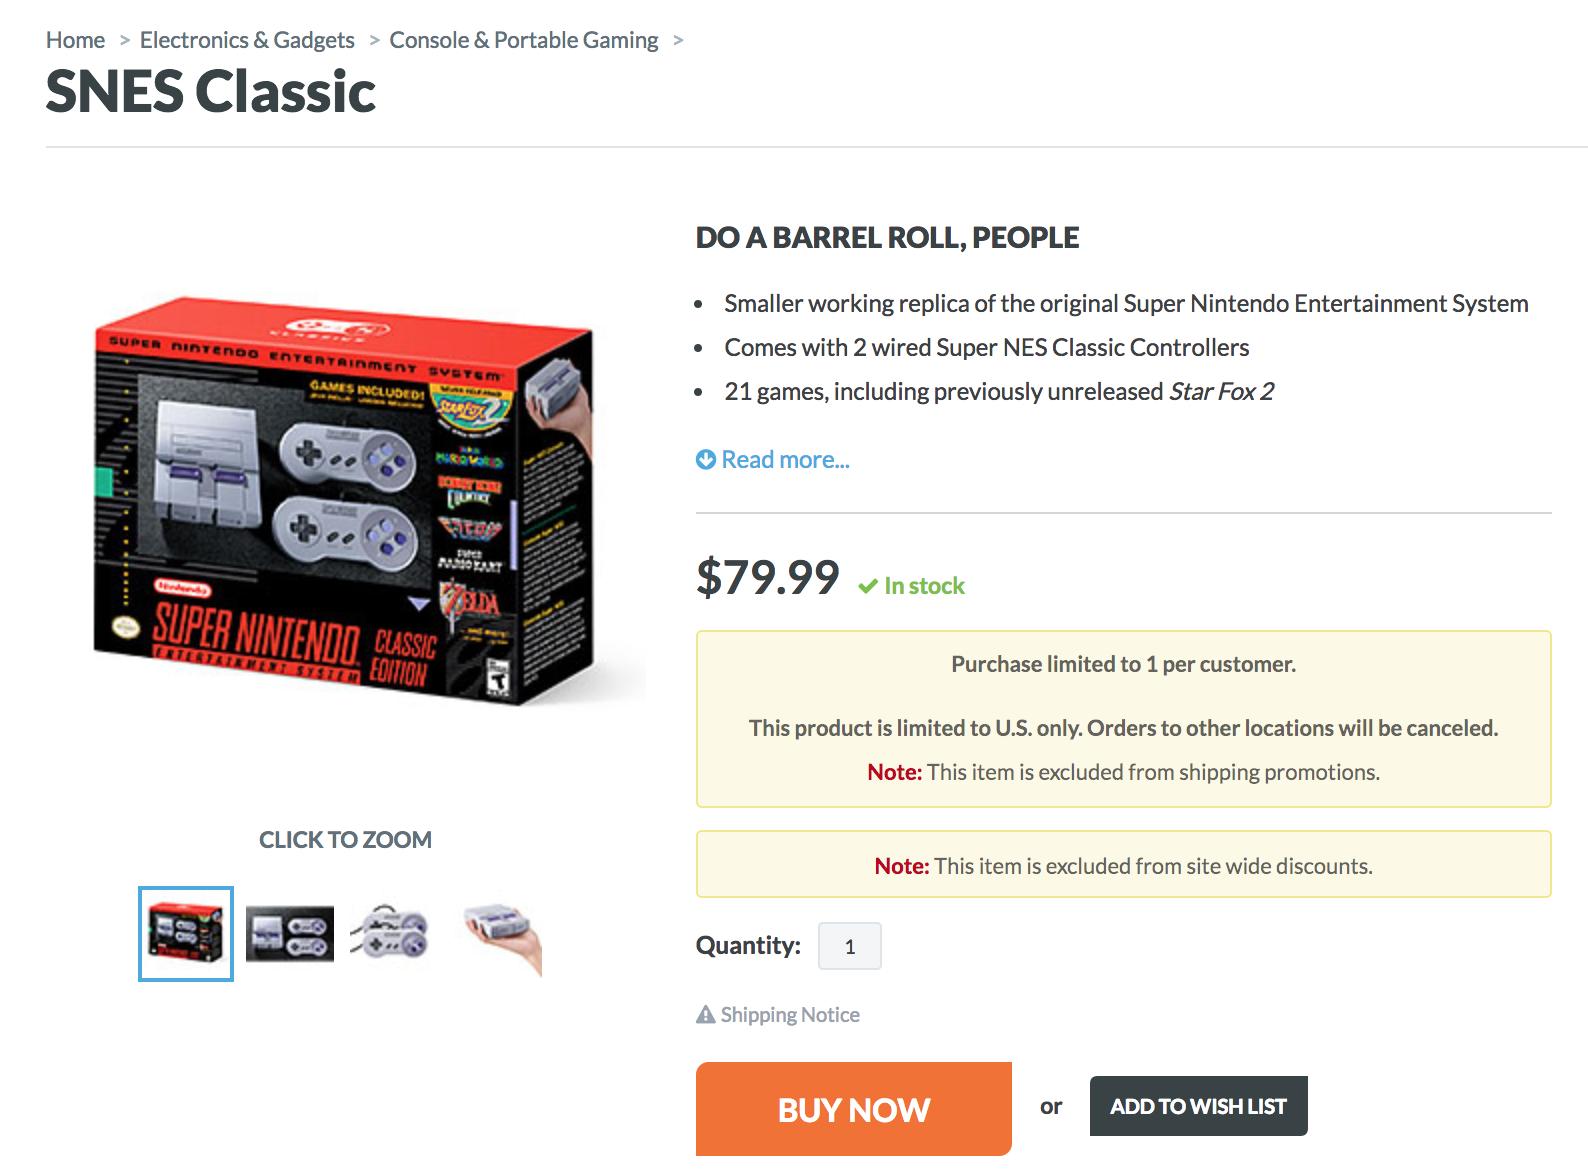 ThinkGeek SNES Mini Classic $79.99 - Now OOS